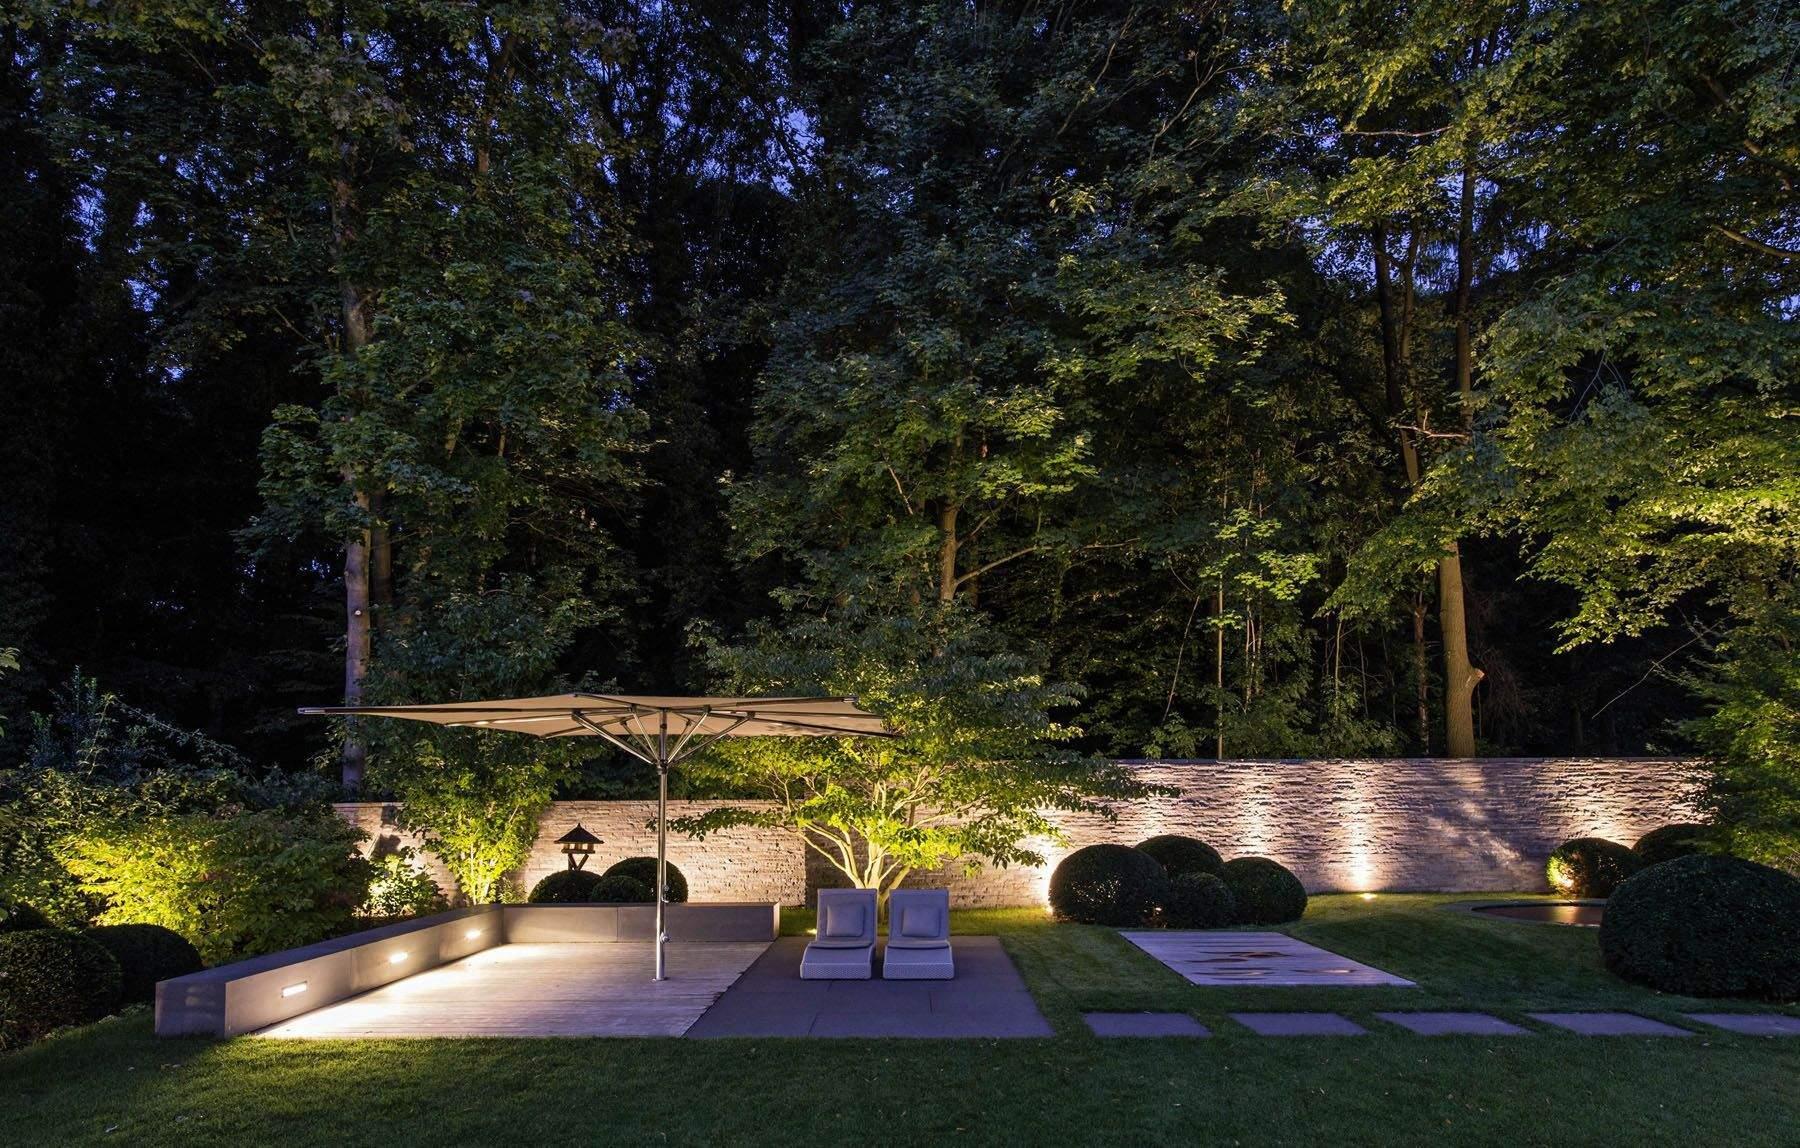 Garten Landschaftsbau Berlin Reizend 29 Das Beste Von Licht Garten Schön